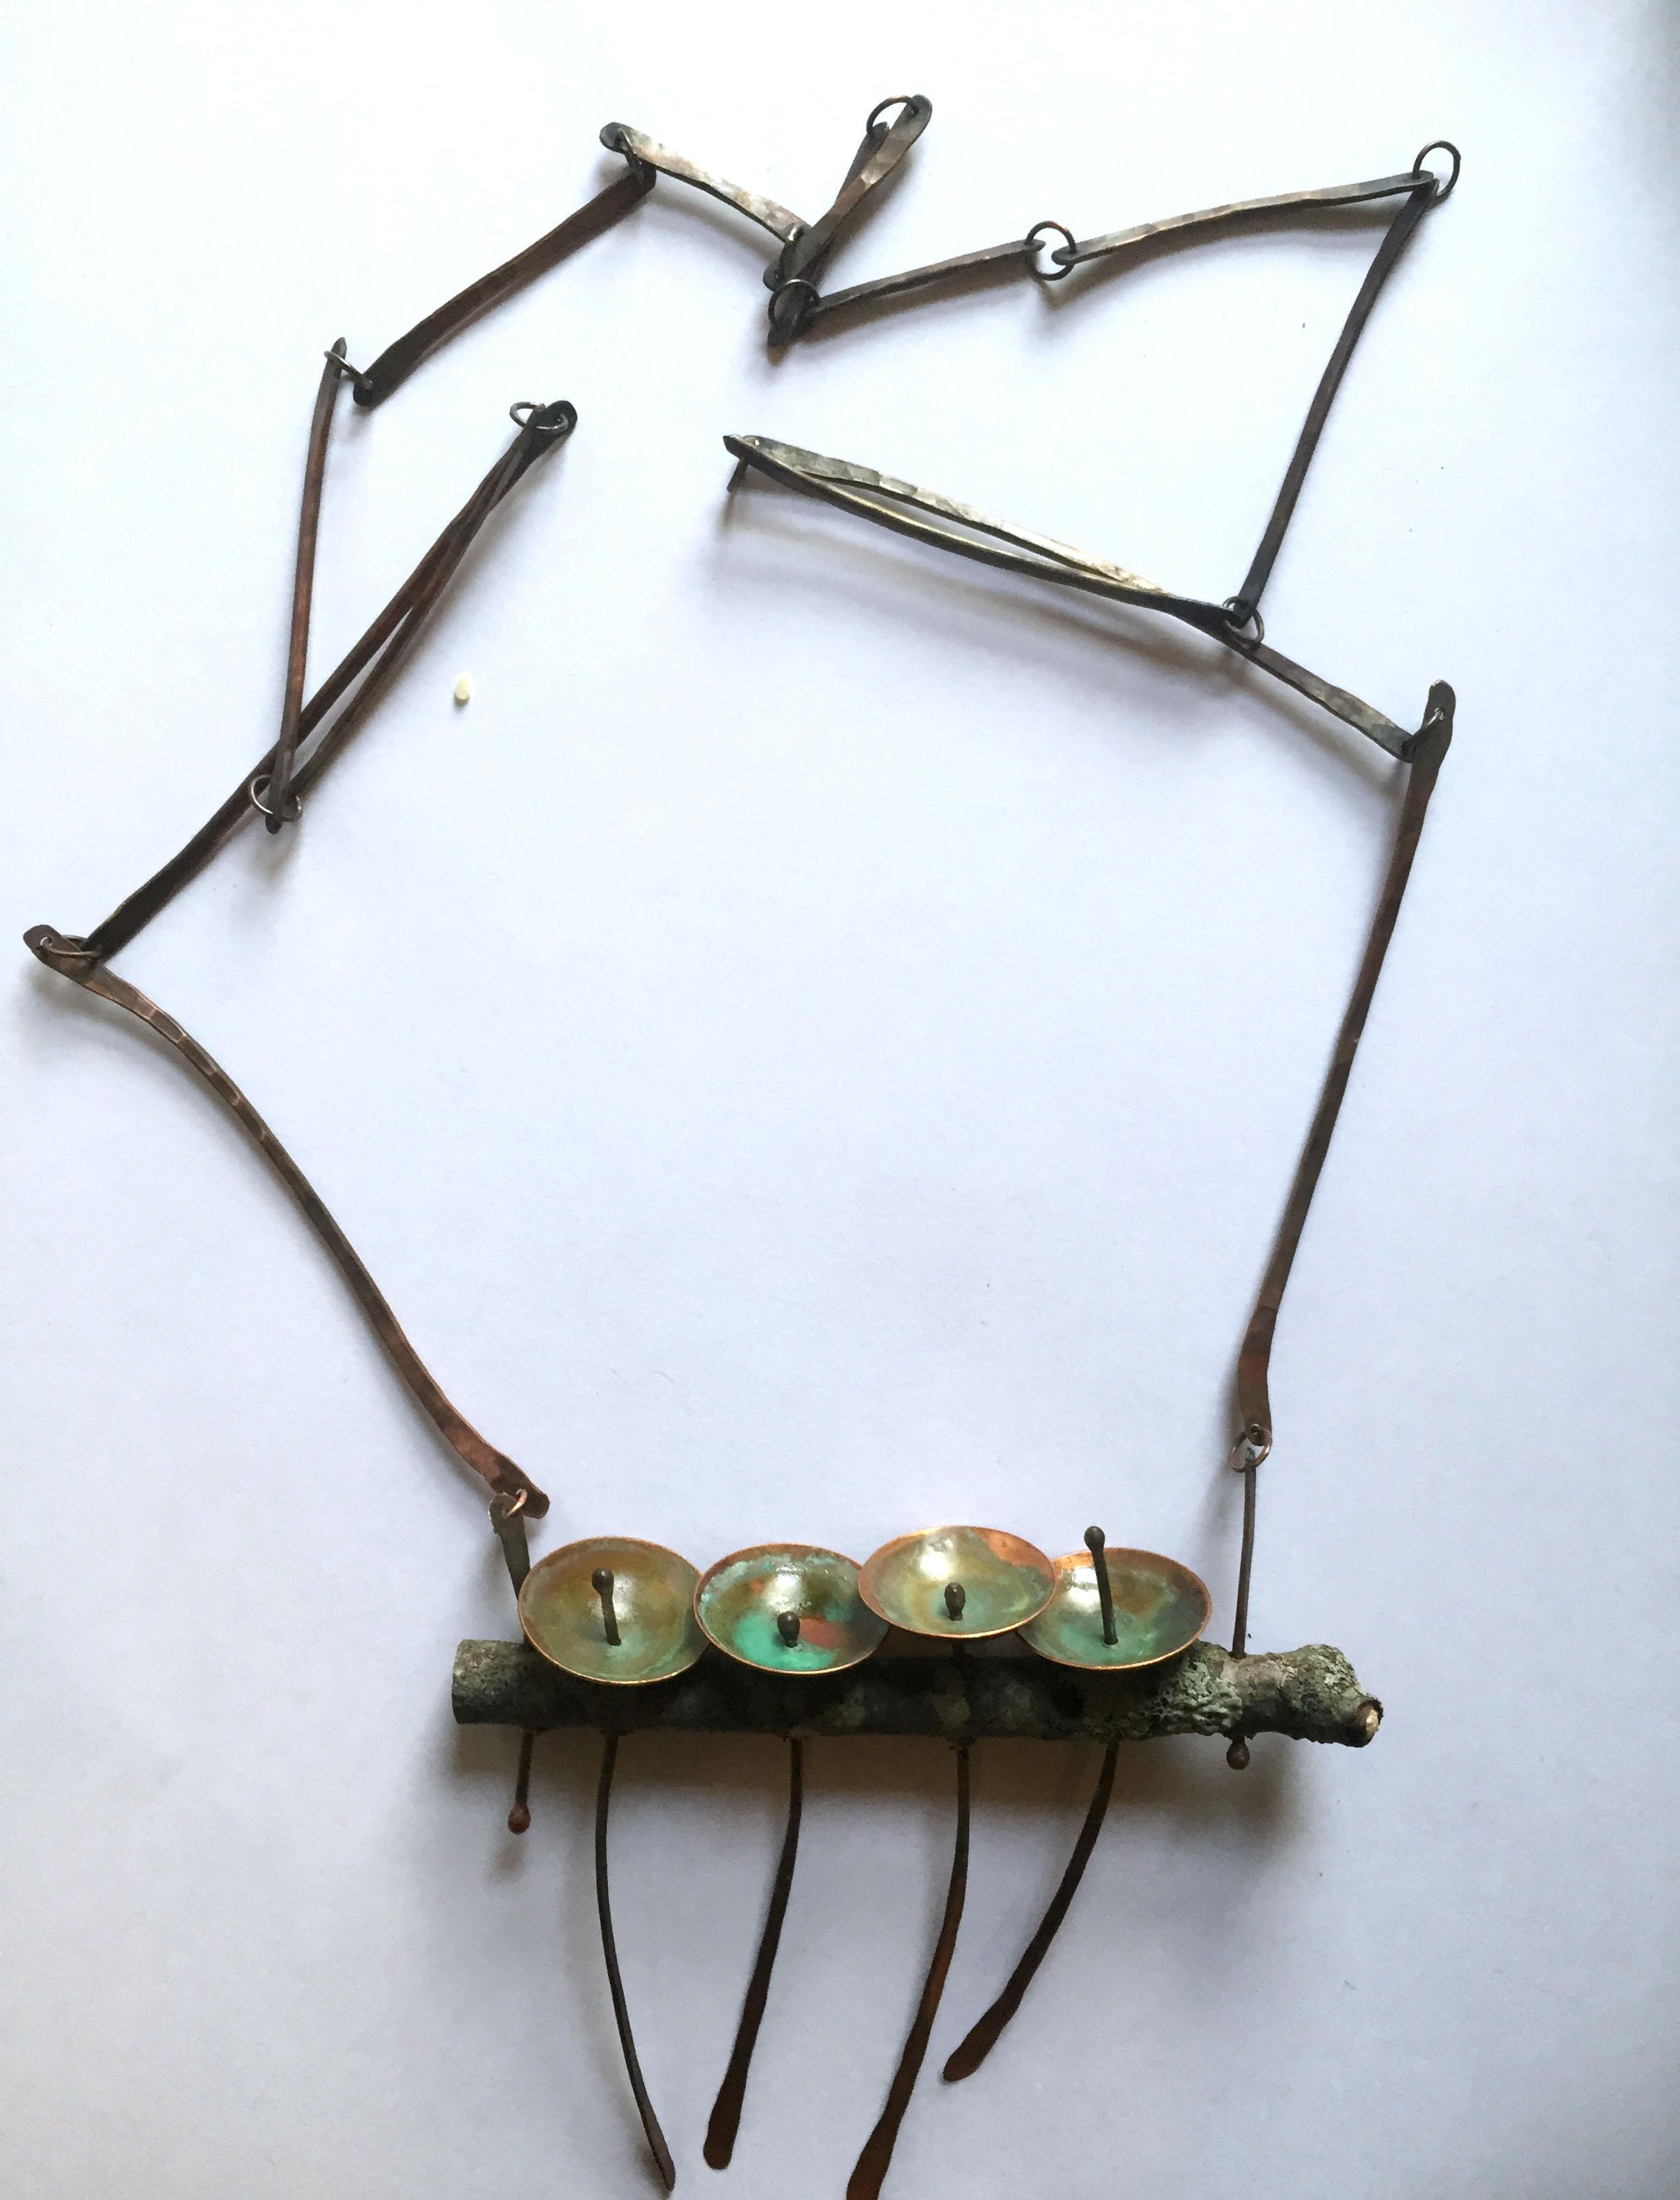 Fence Post Study Necklace 1, Copper, patina, wood 2014, 10cm x 8cm x 1.5cm, Chain length 8cm, 150.00 CAD